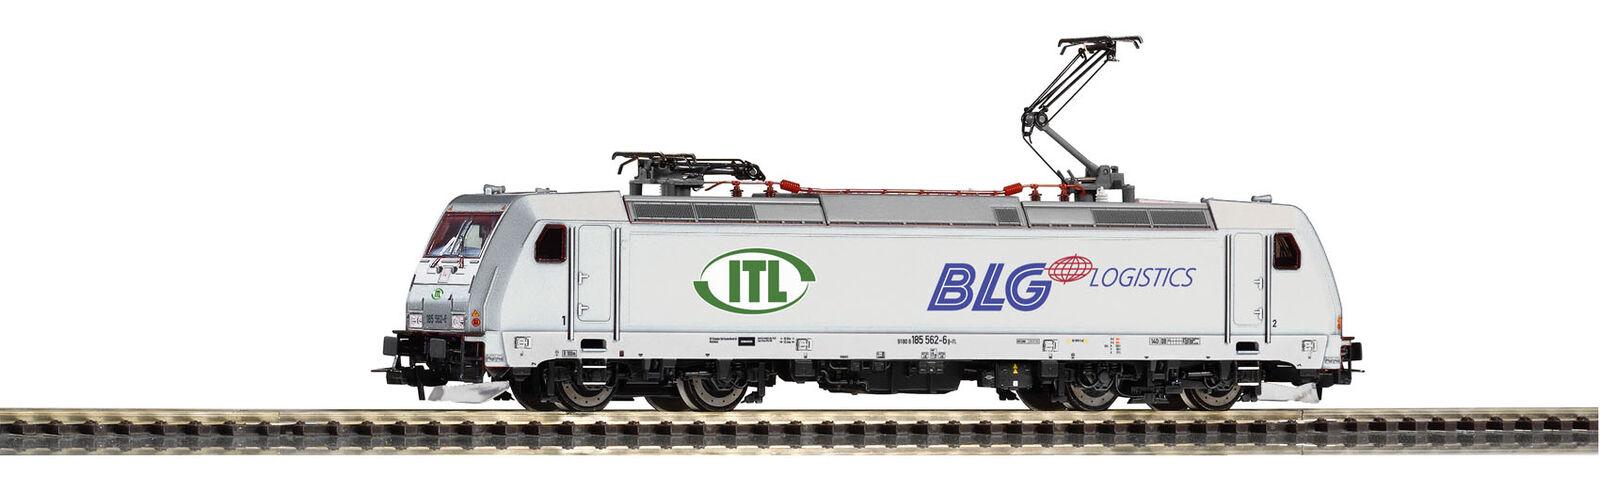 PIKO 59355 H0 E-Lok BR 185.2 ITL digital für 3 Leiter  | Erste Kunden Eine Vollständige Palette Von Spezifikationen